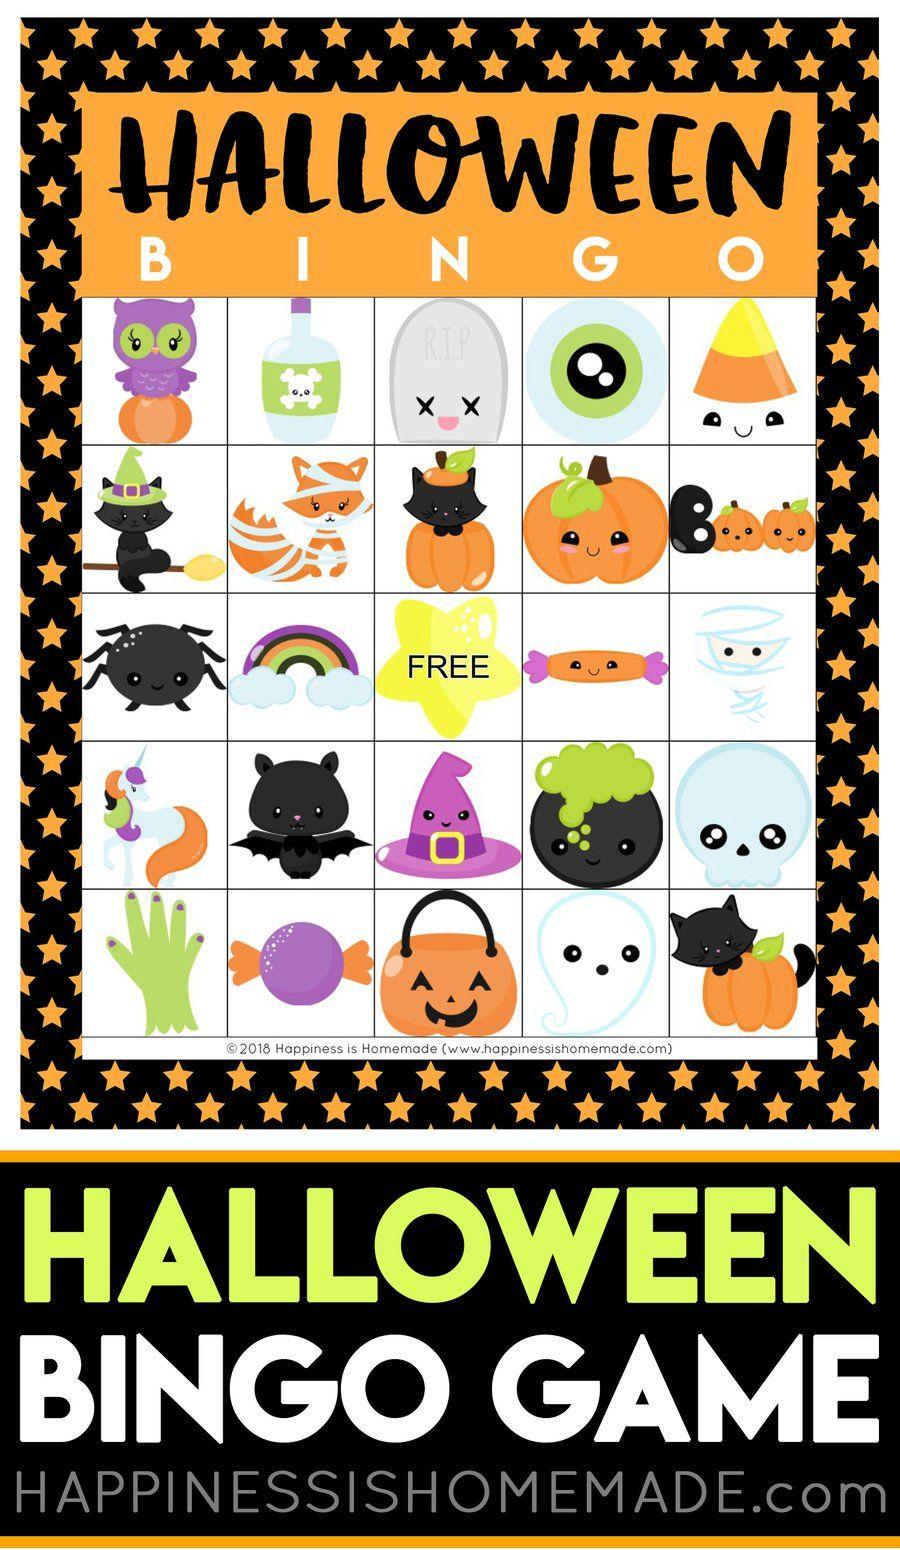 Halloween Bingo Happiness is Homemade in 2019